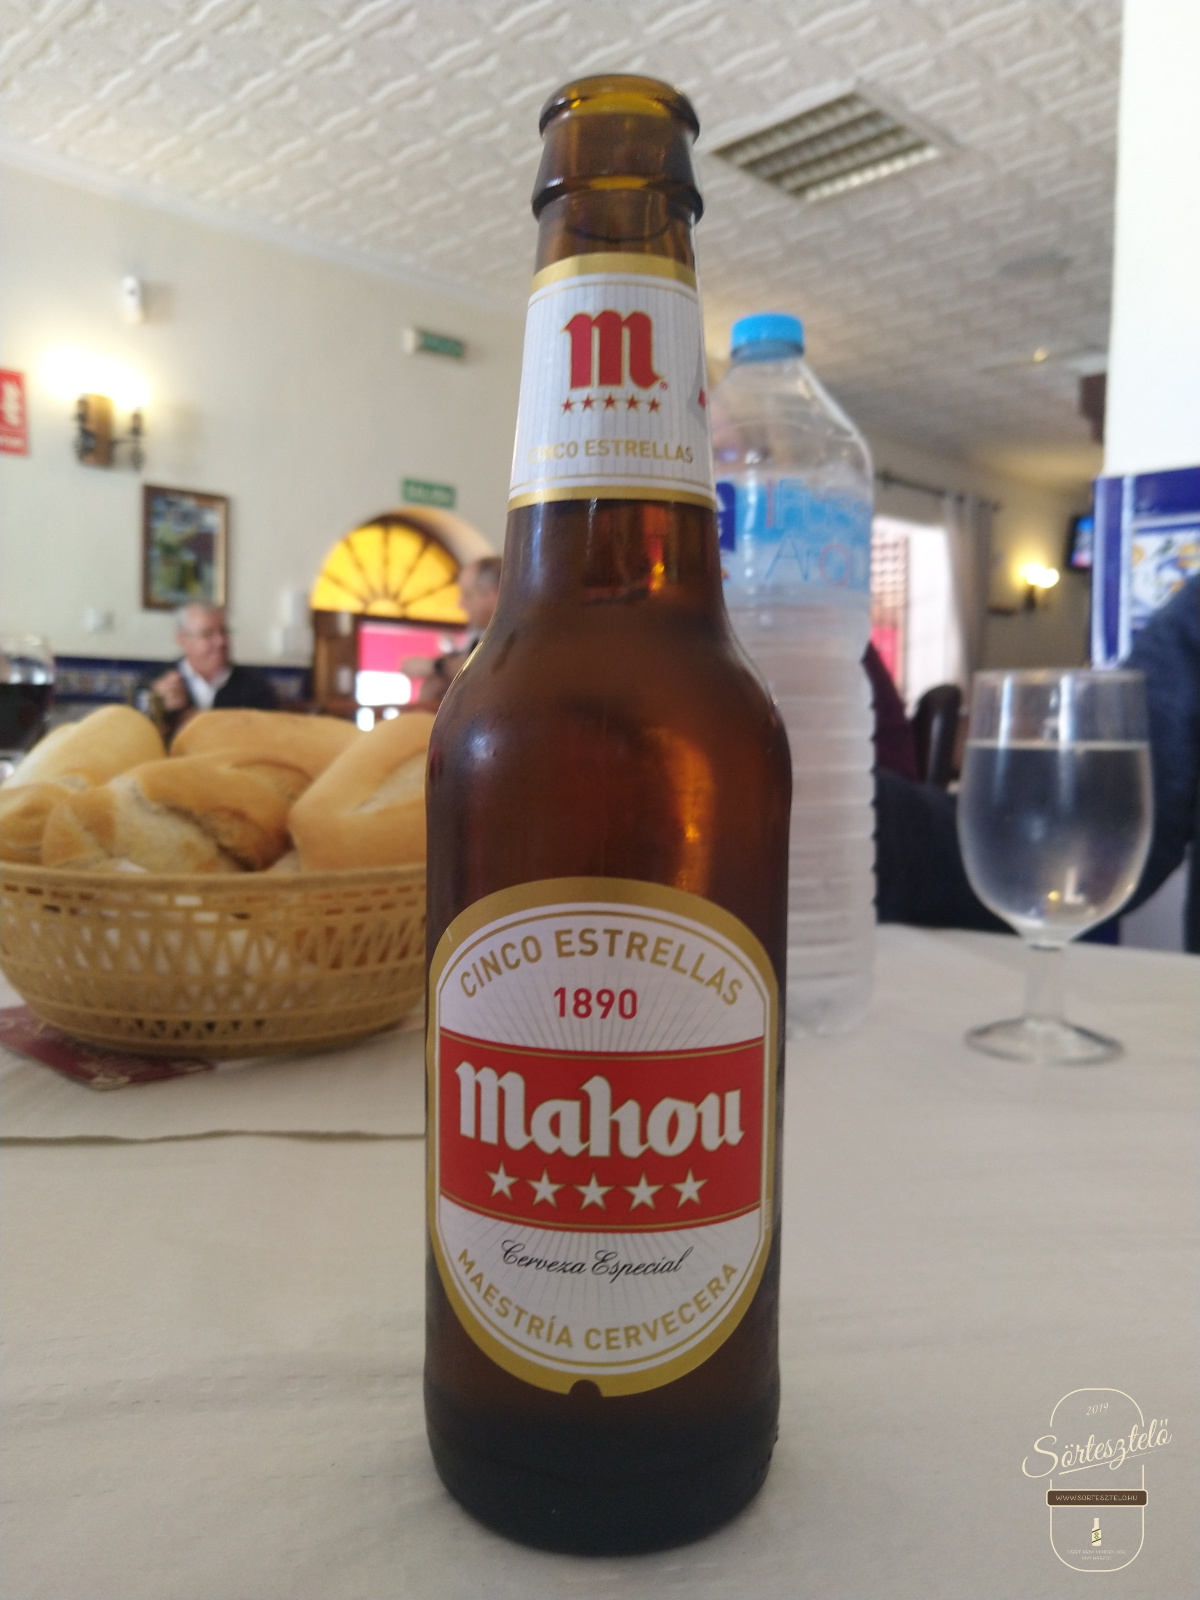 Mahou Cerveza Especial - öt csillagos, de nem Napóleon